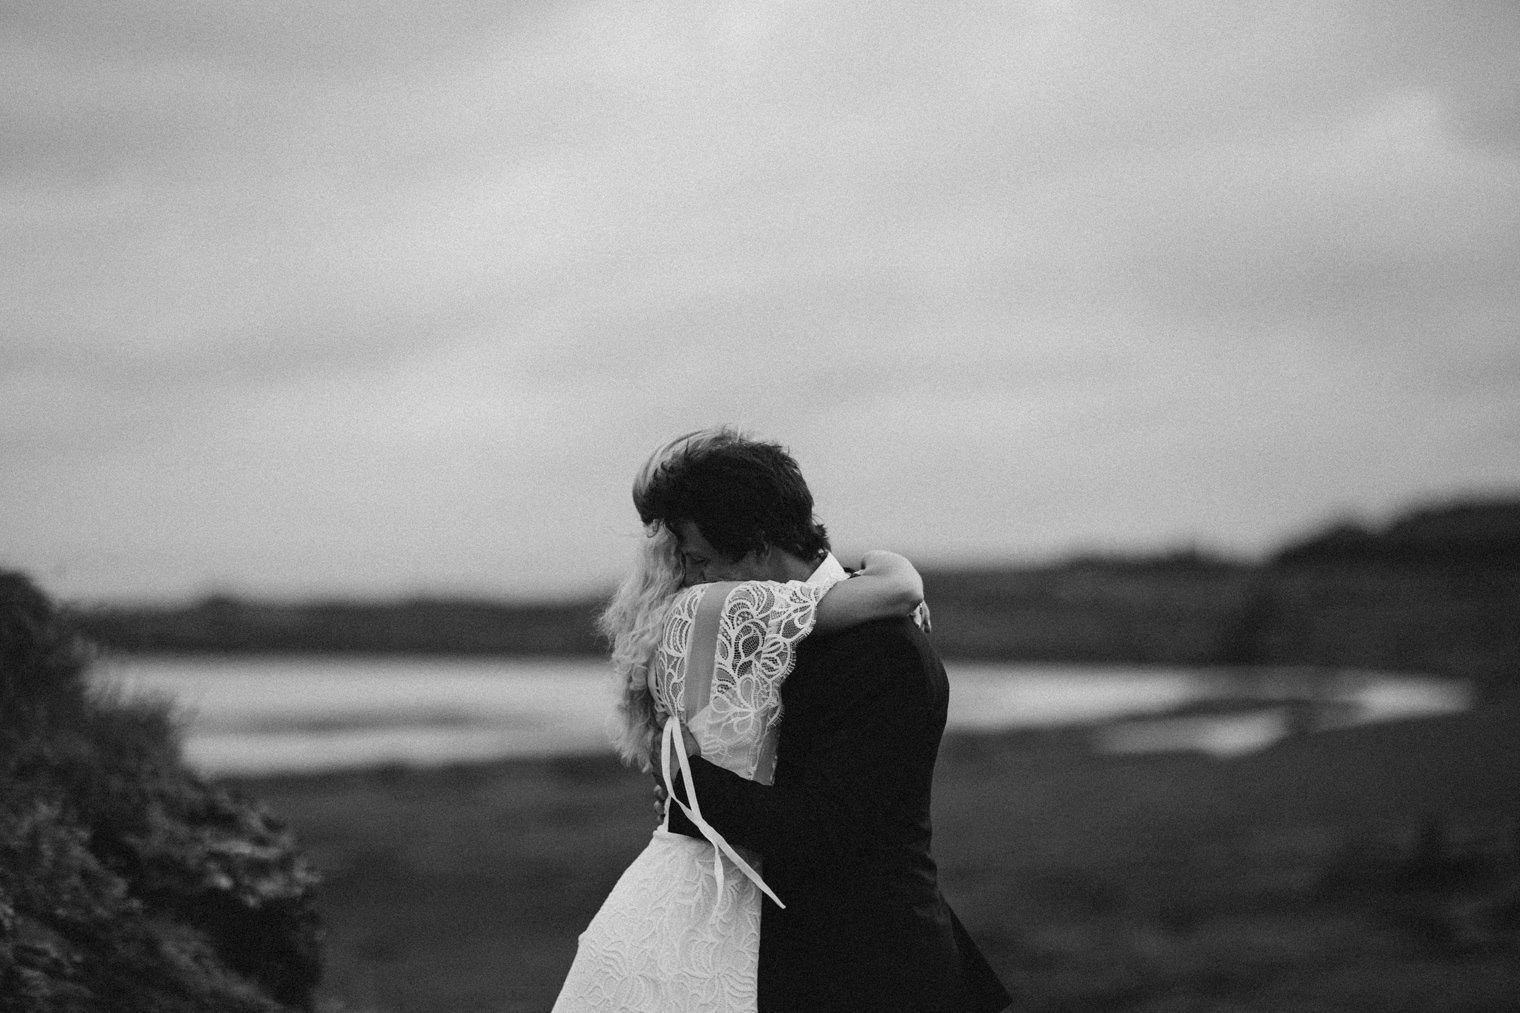 024-iceland-wedding